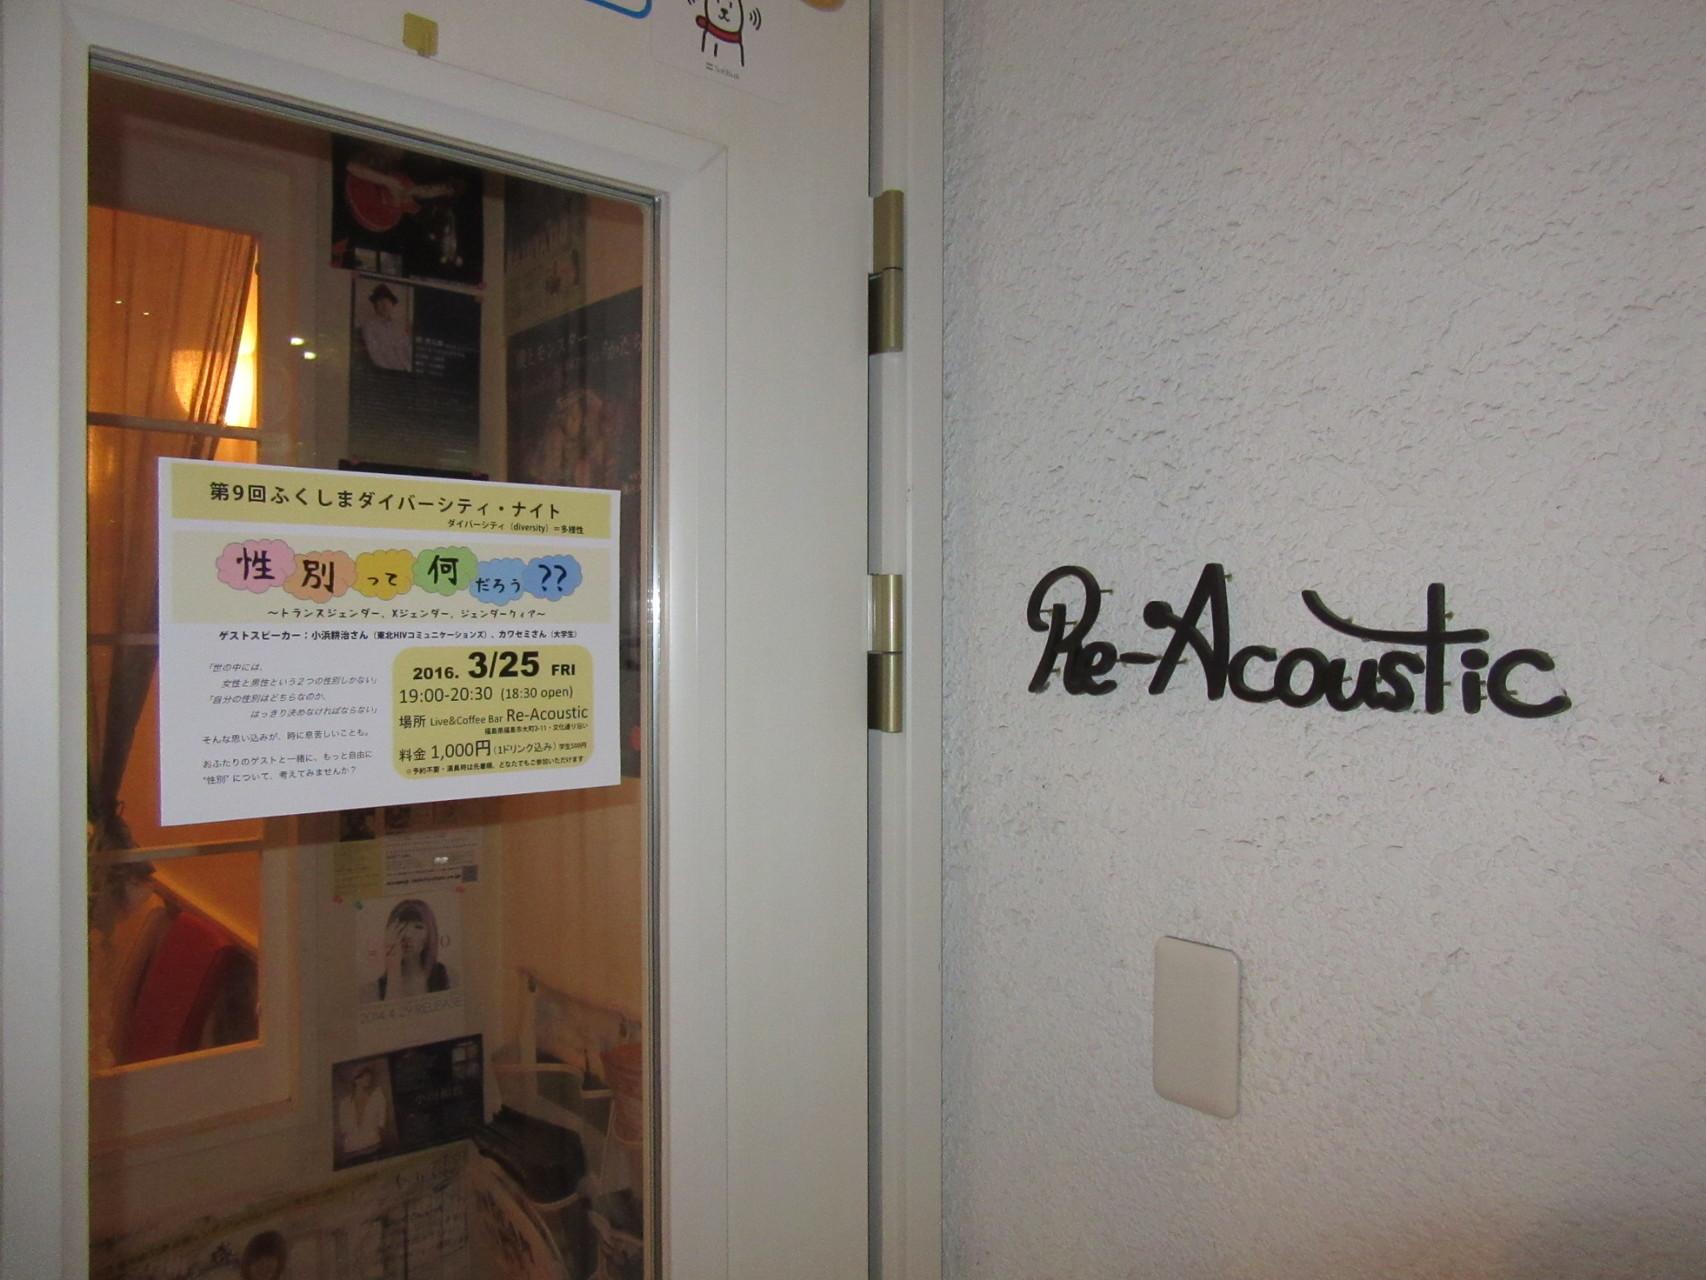 こちらが会場のRe-Acoustic(リアコ)です!